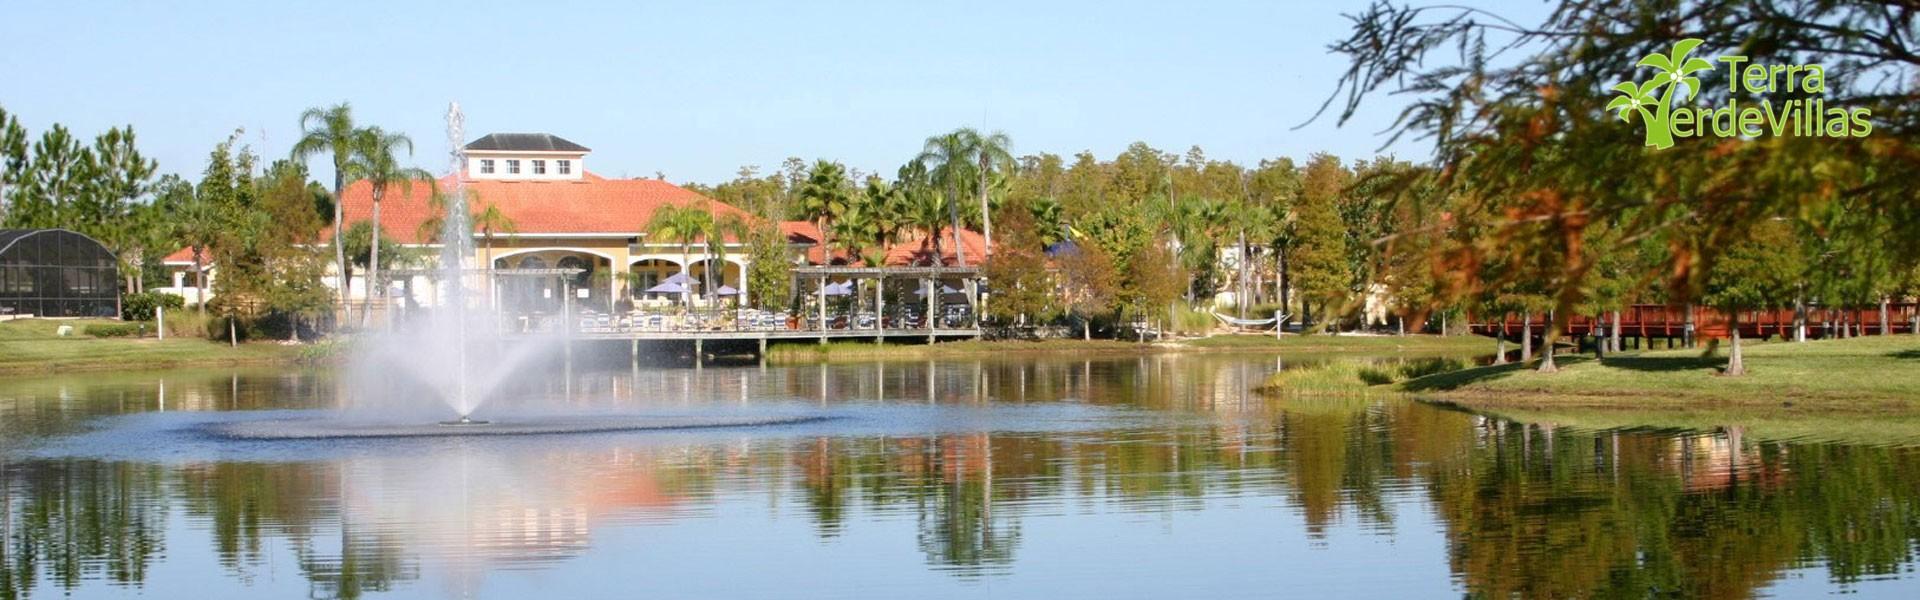 Terra Verde Resort Villas Disney Orlando Florida